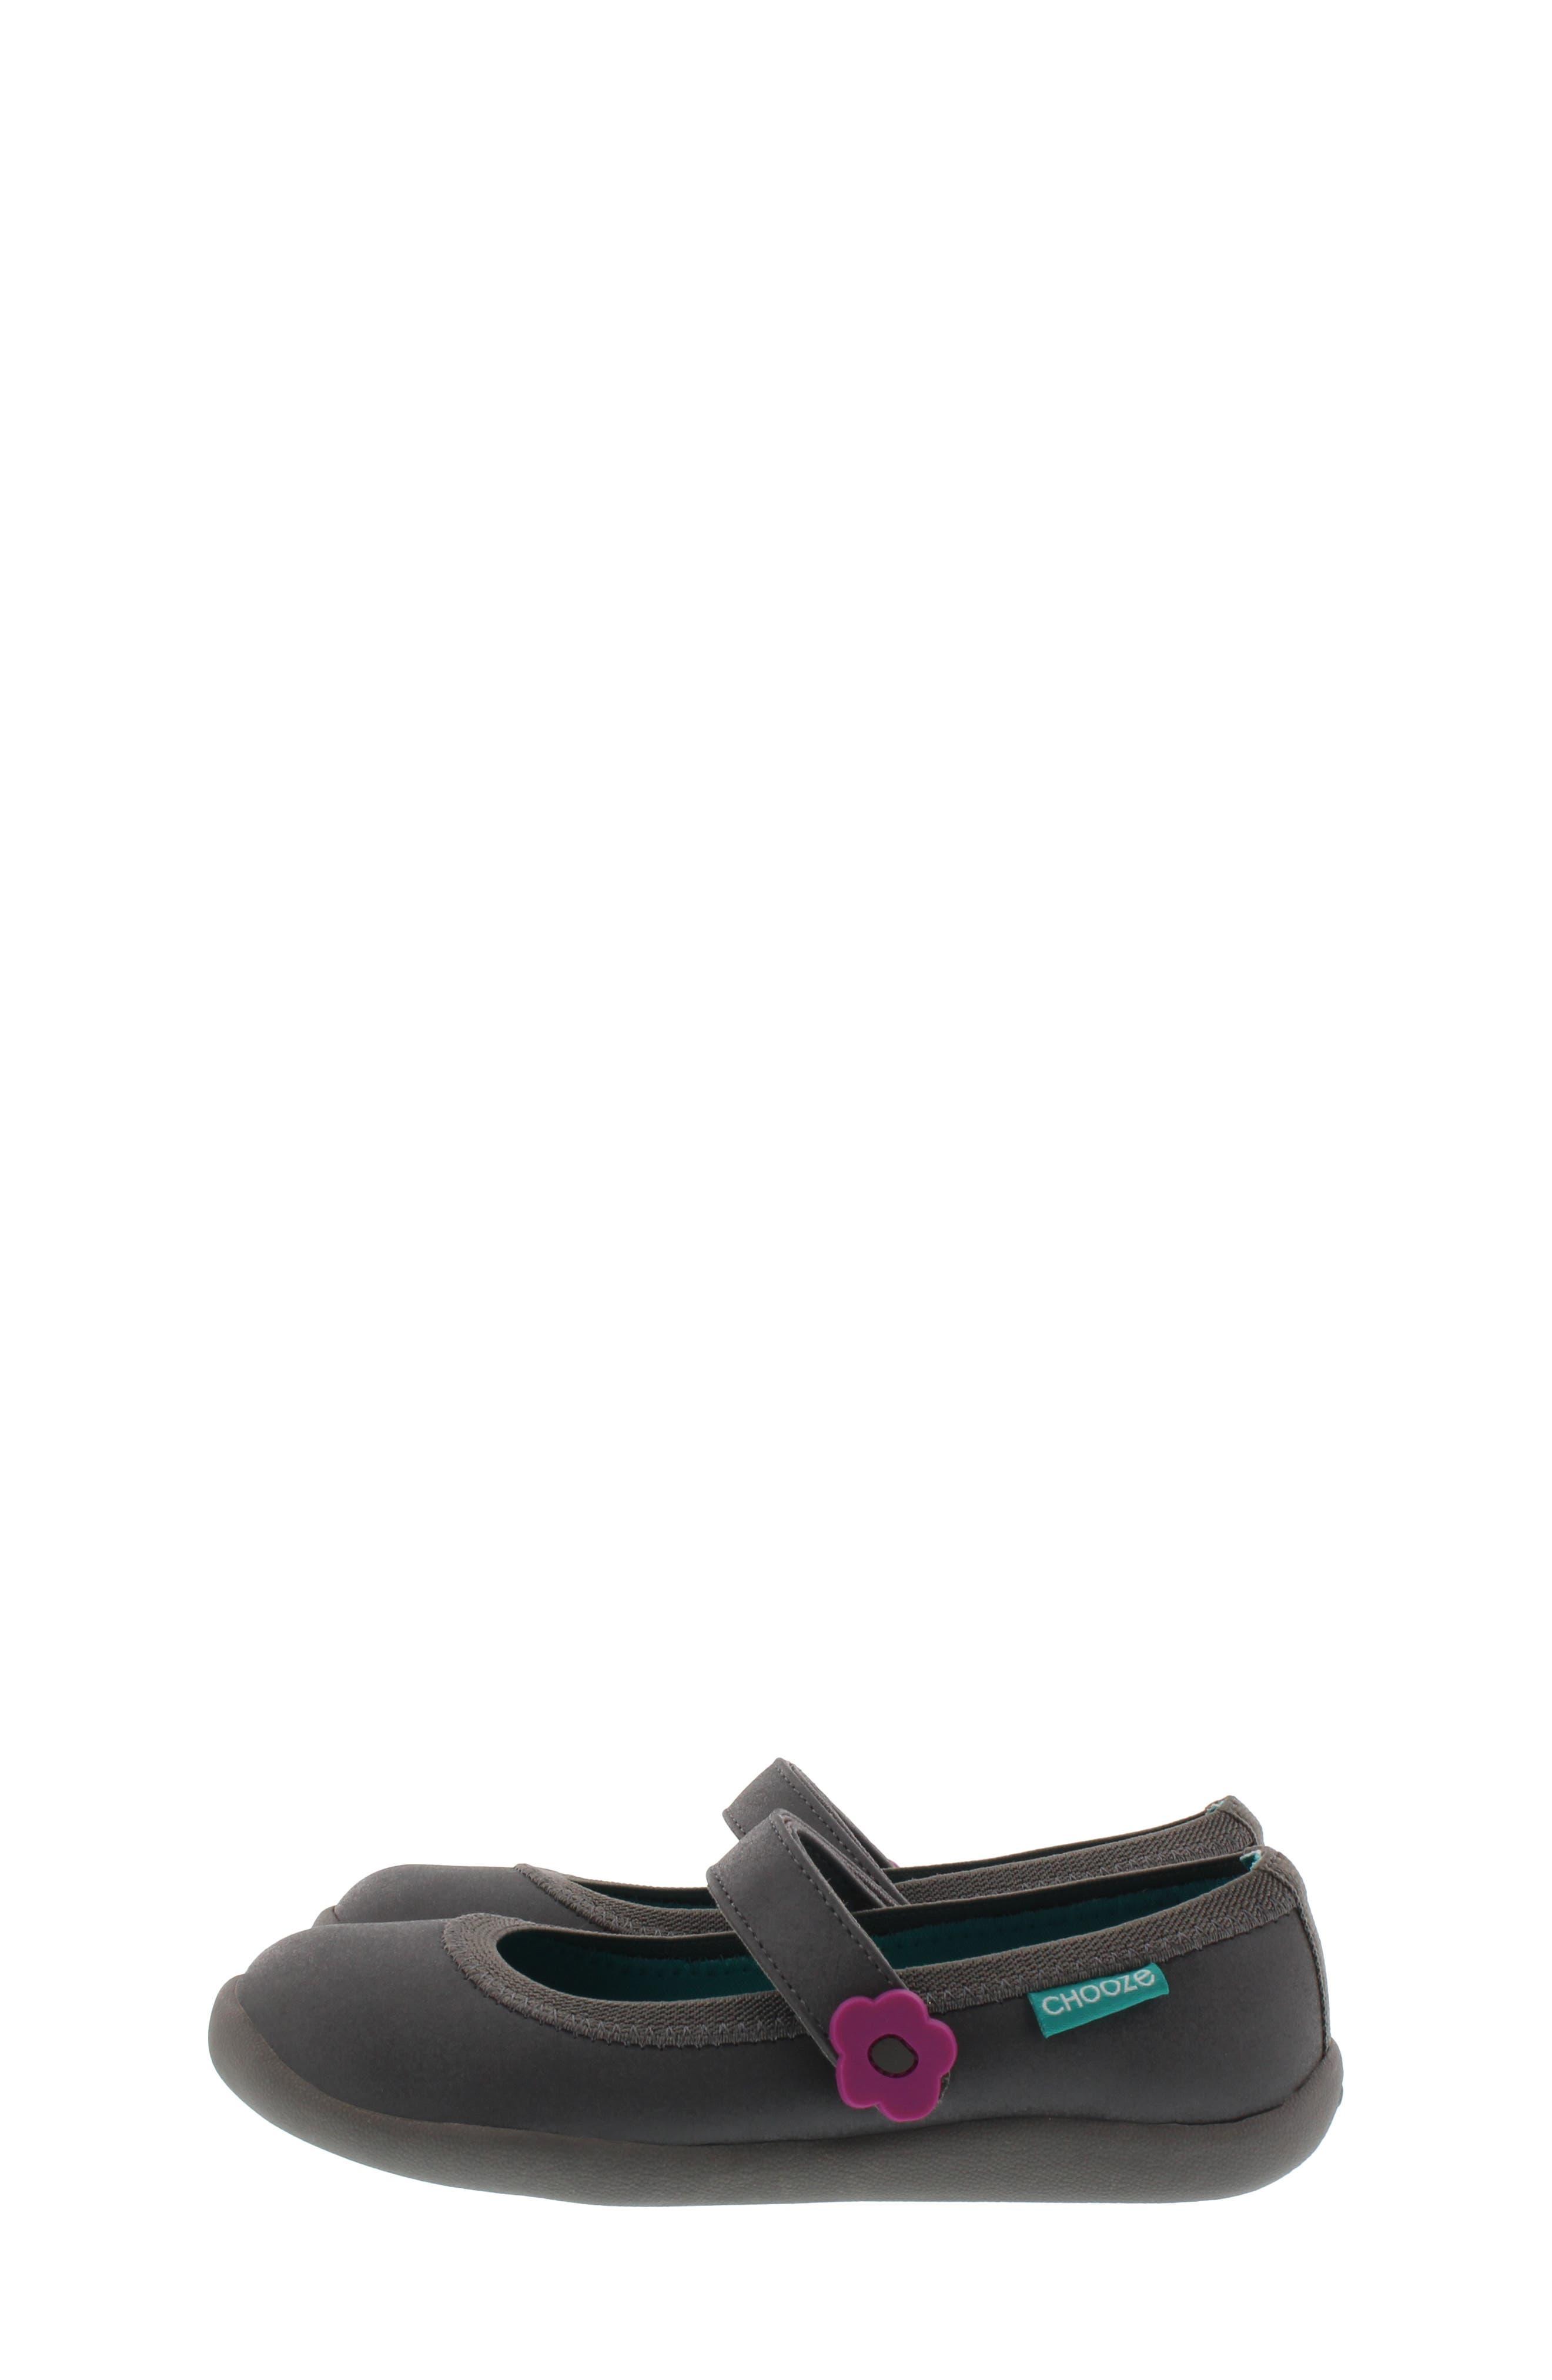 b926676c42cb1 Girls' Flats Shoes | Nordstrom